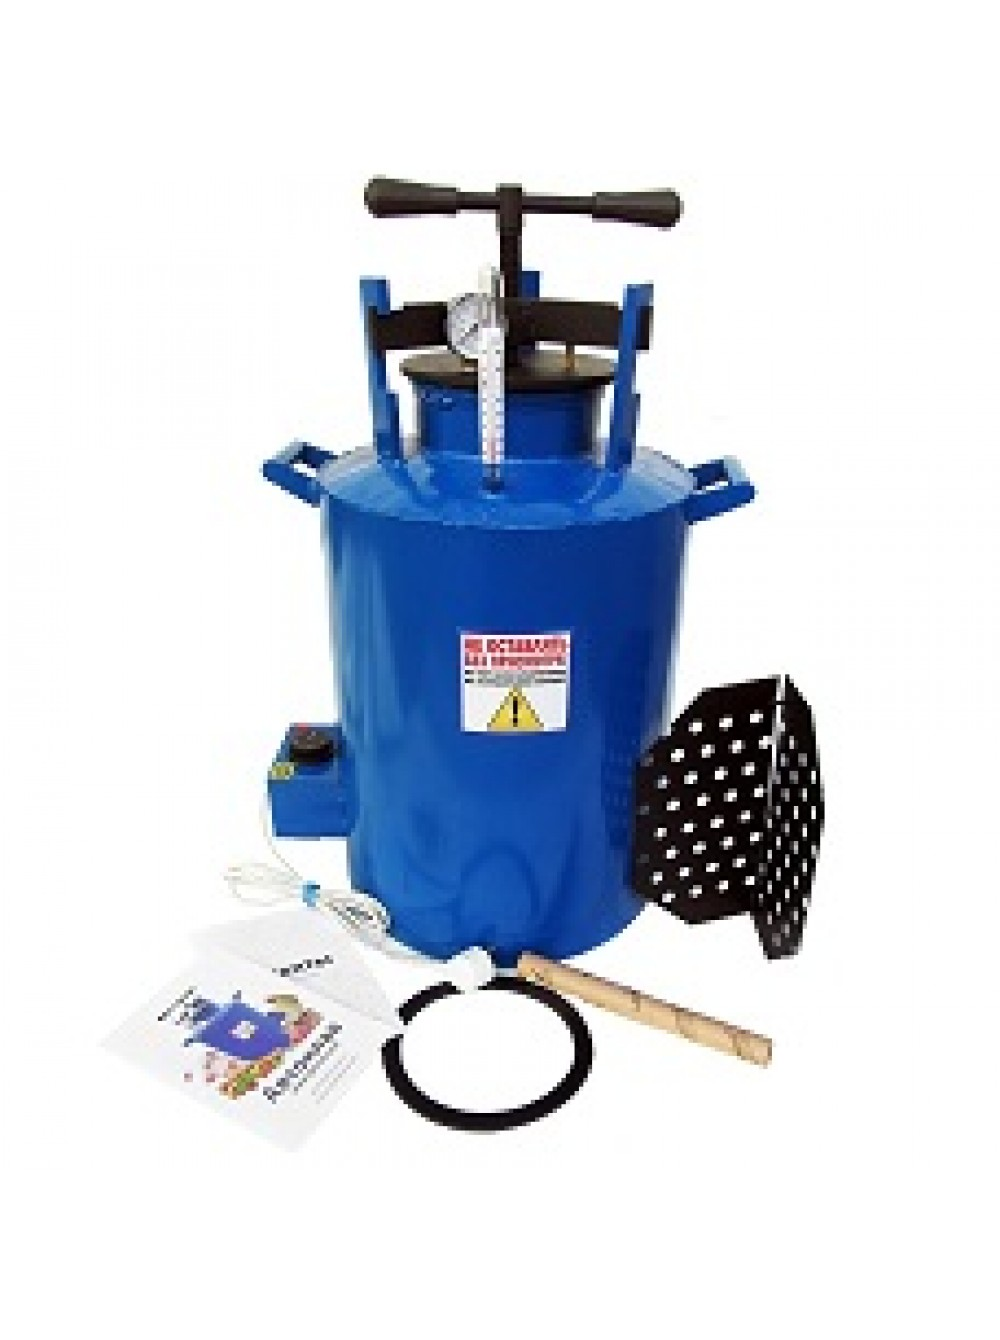 Купить мощный электрический самогонный аппарат в харькове купить холодильник из нержавейки для самогонного аппарата